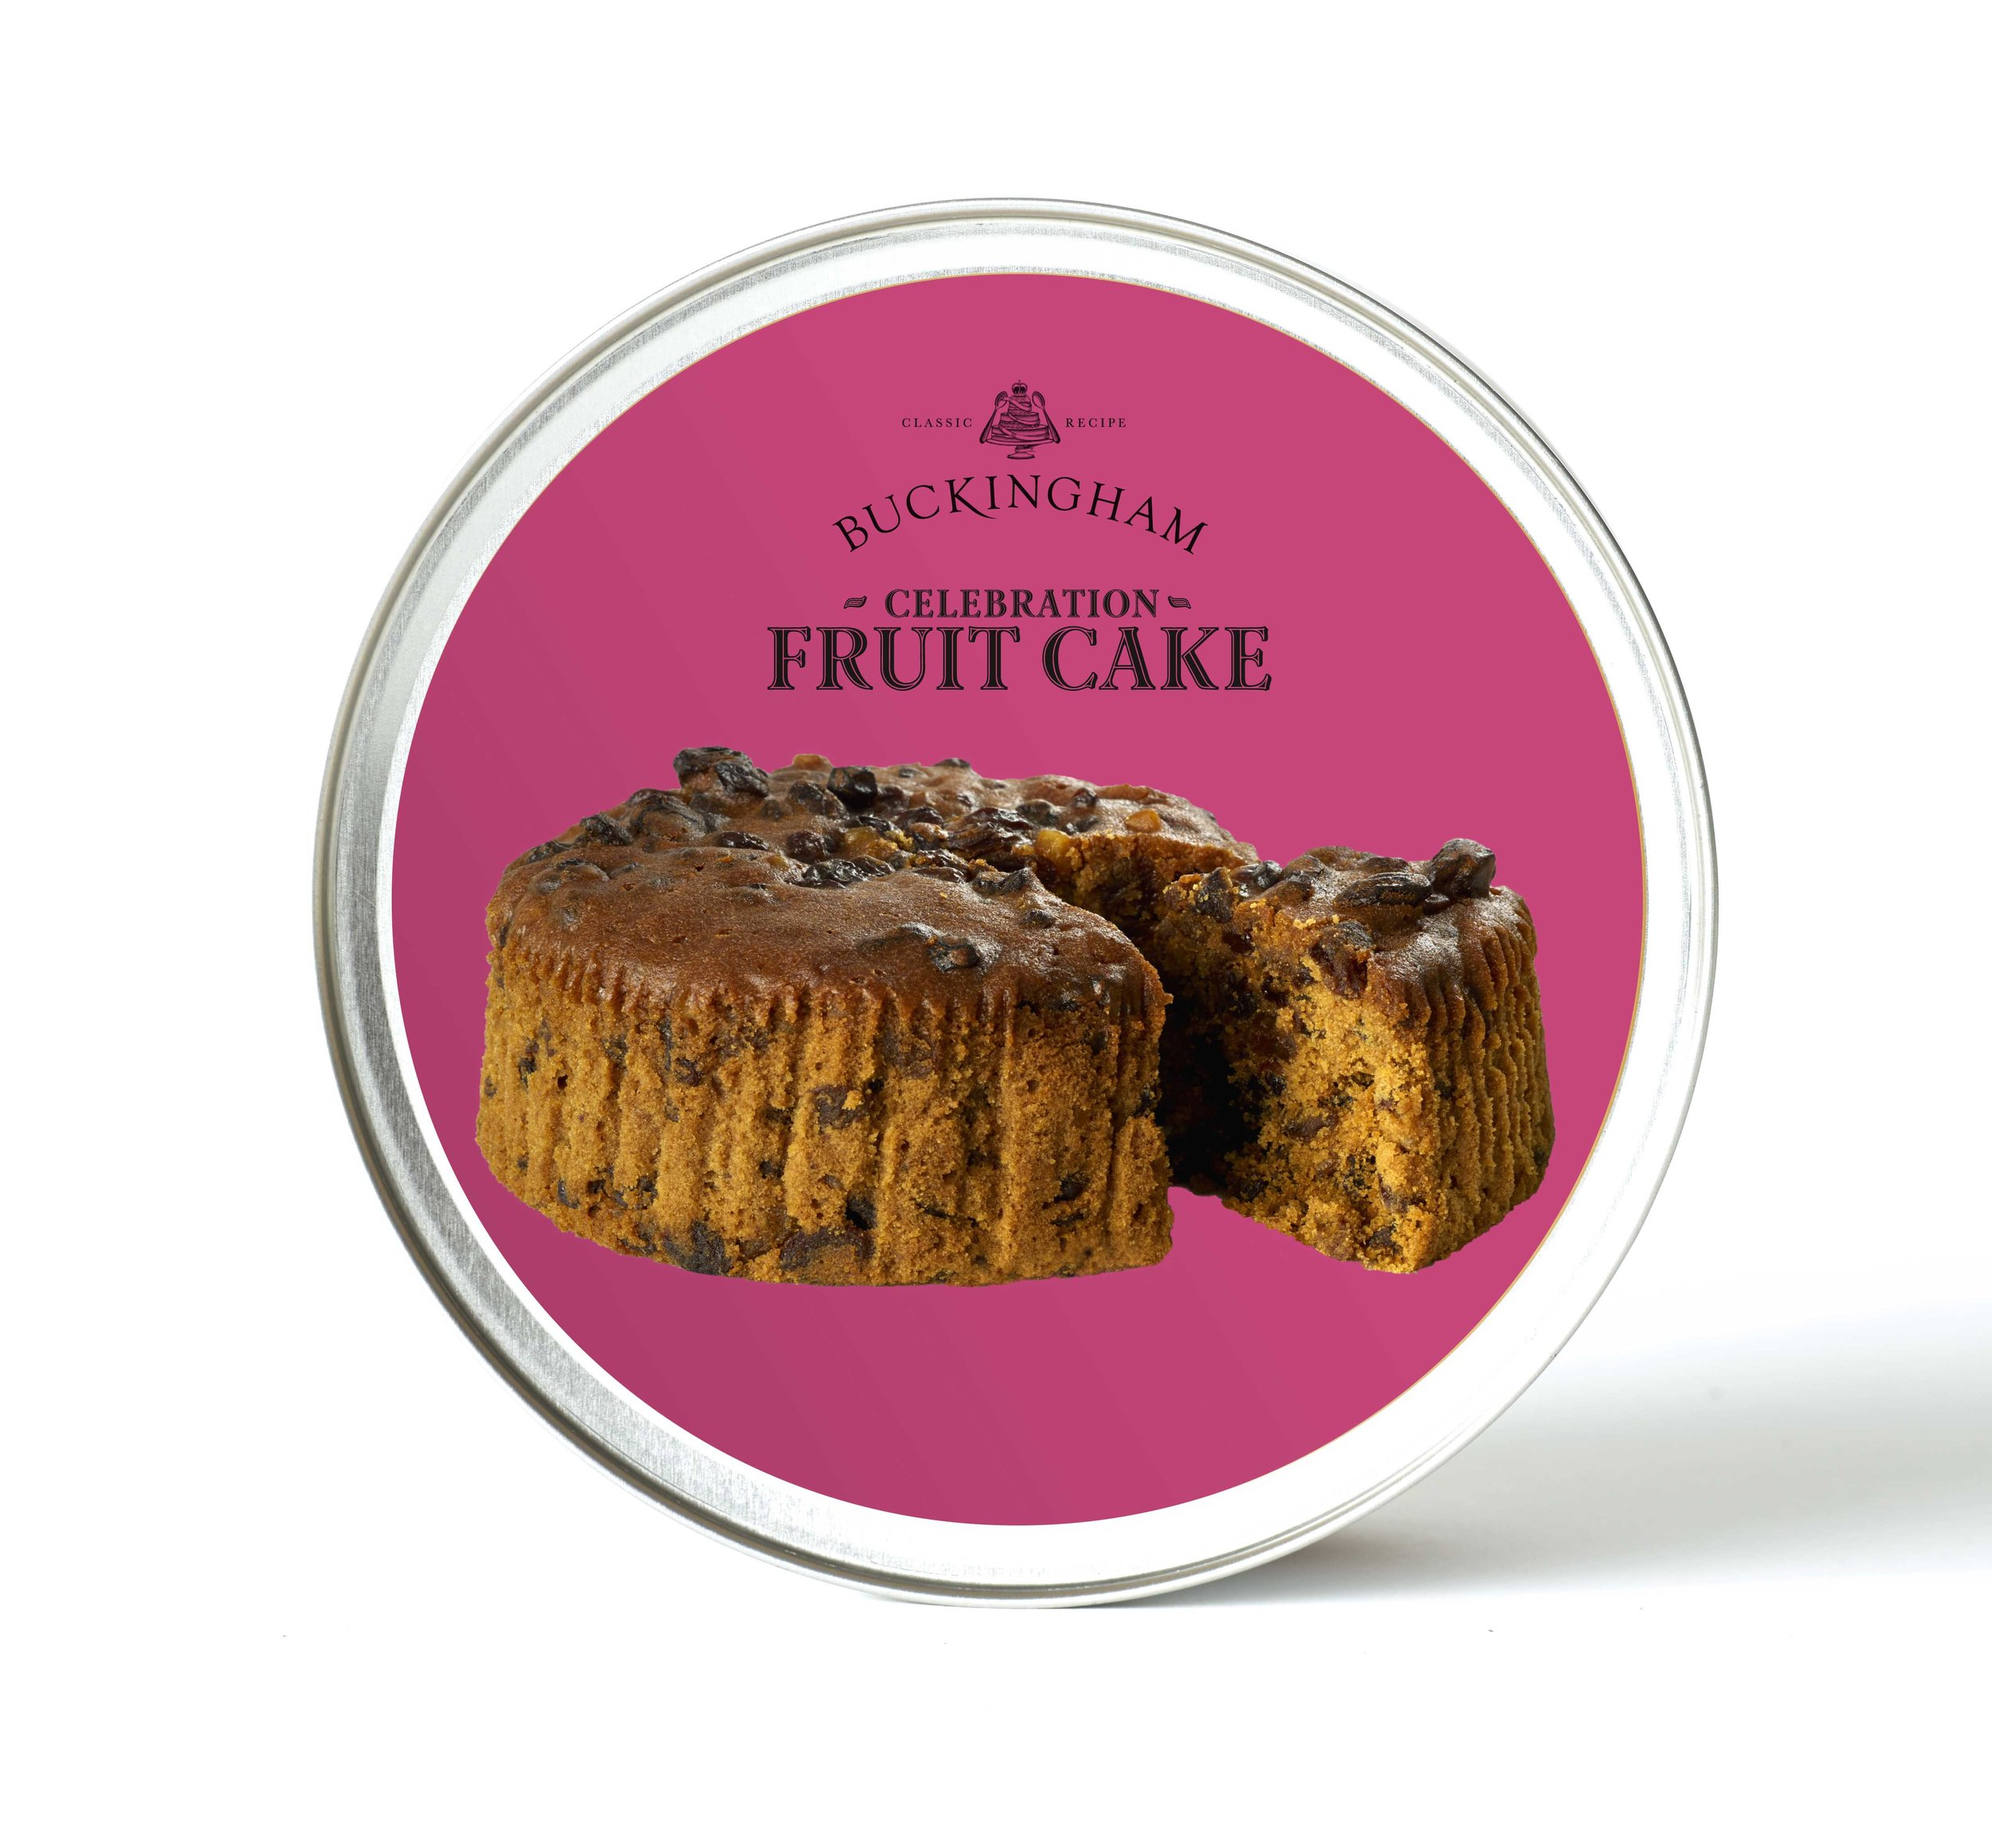 الكيك الإنجليزي التقليدي بدون نكهات